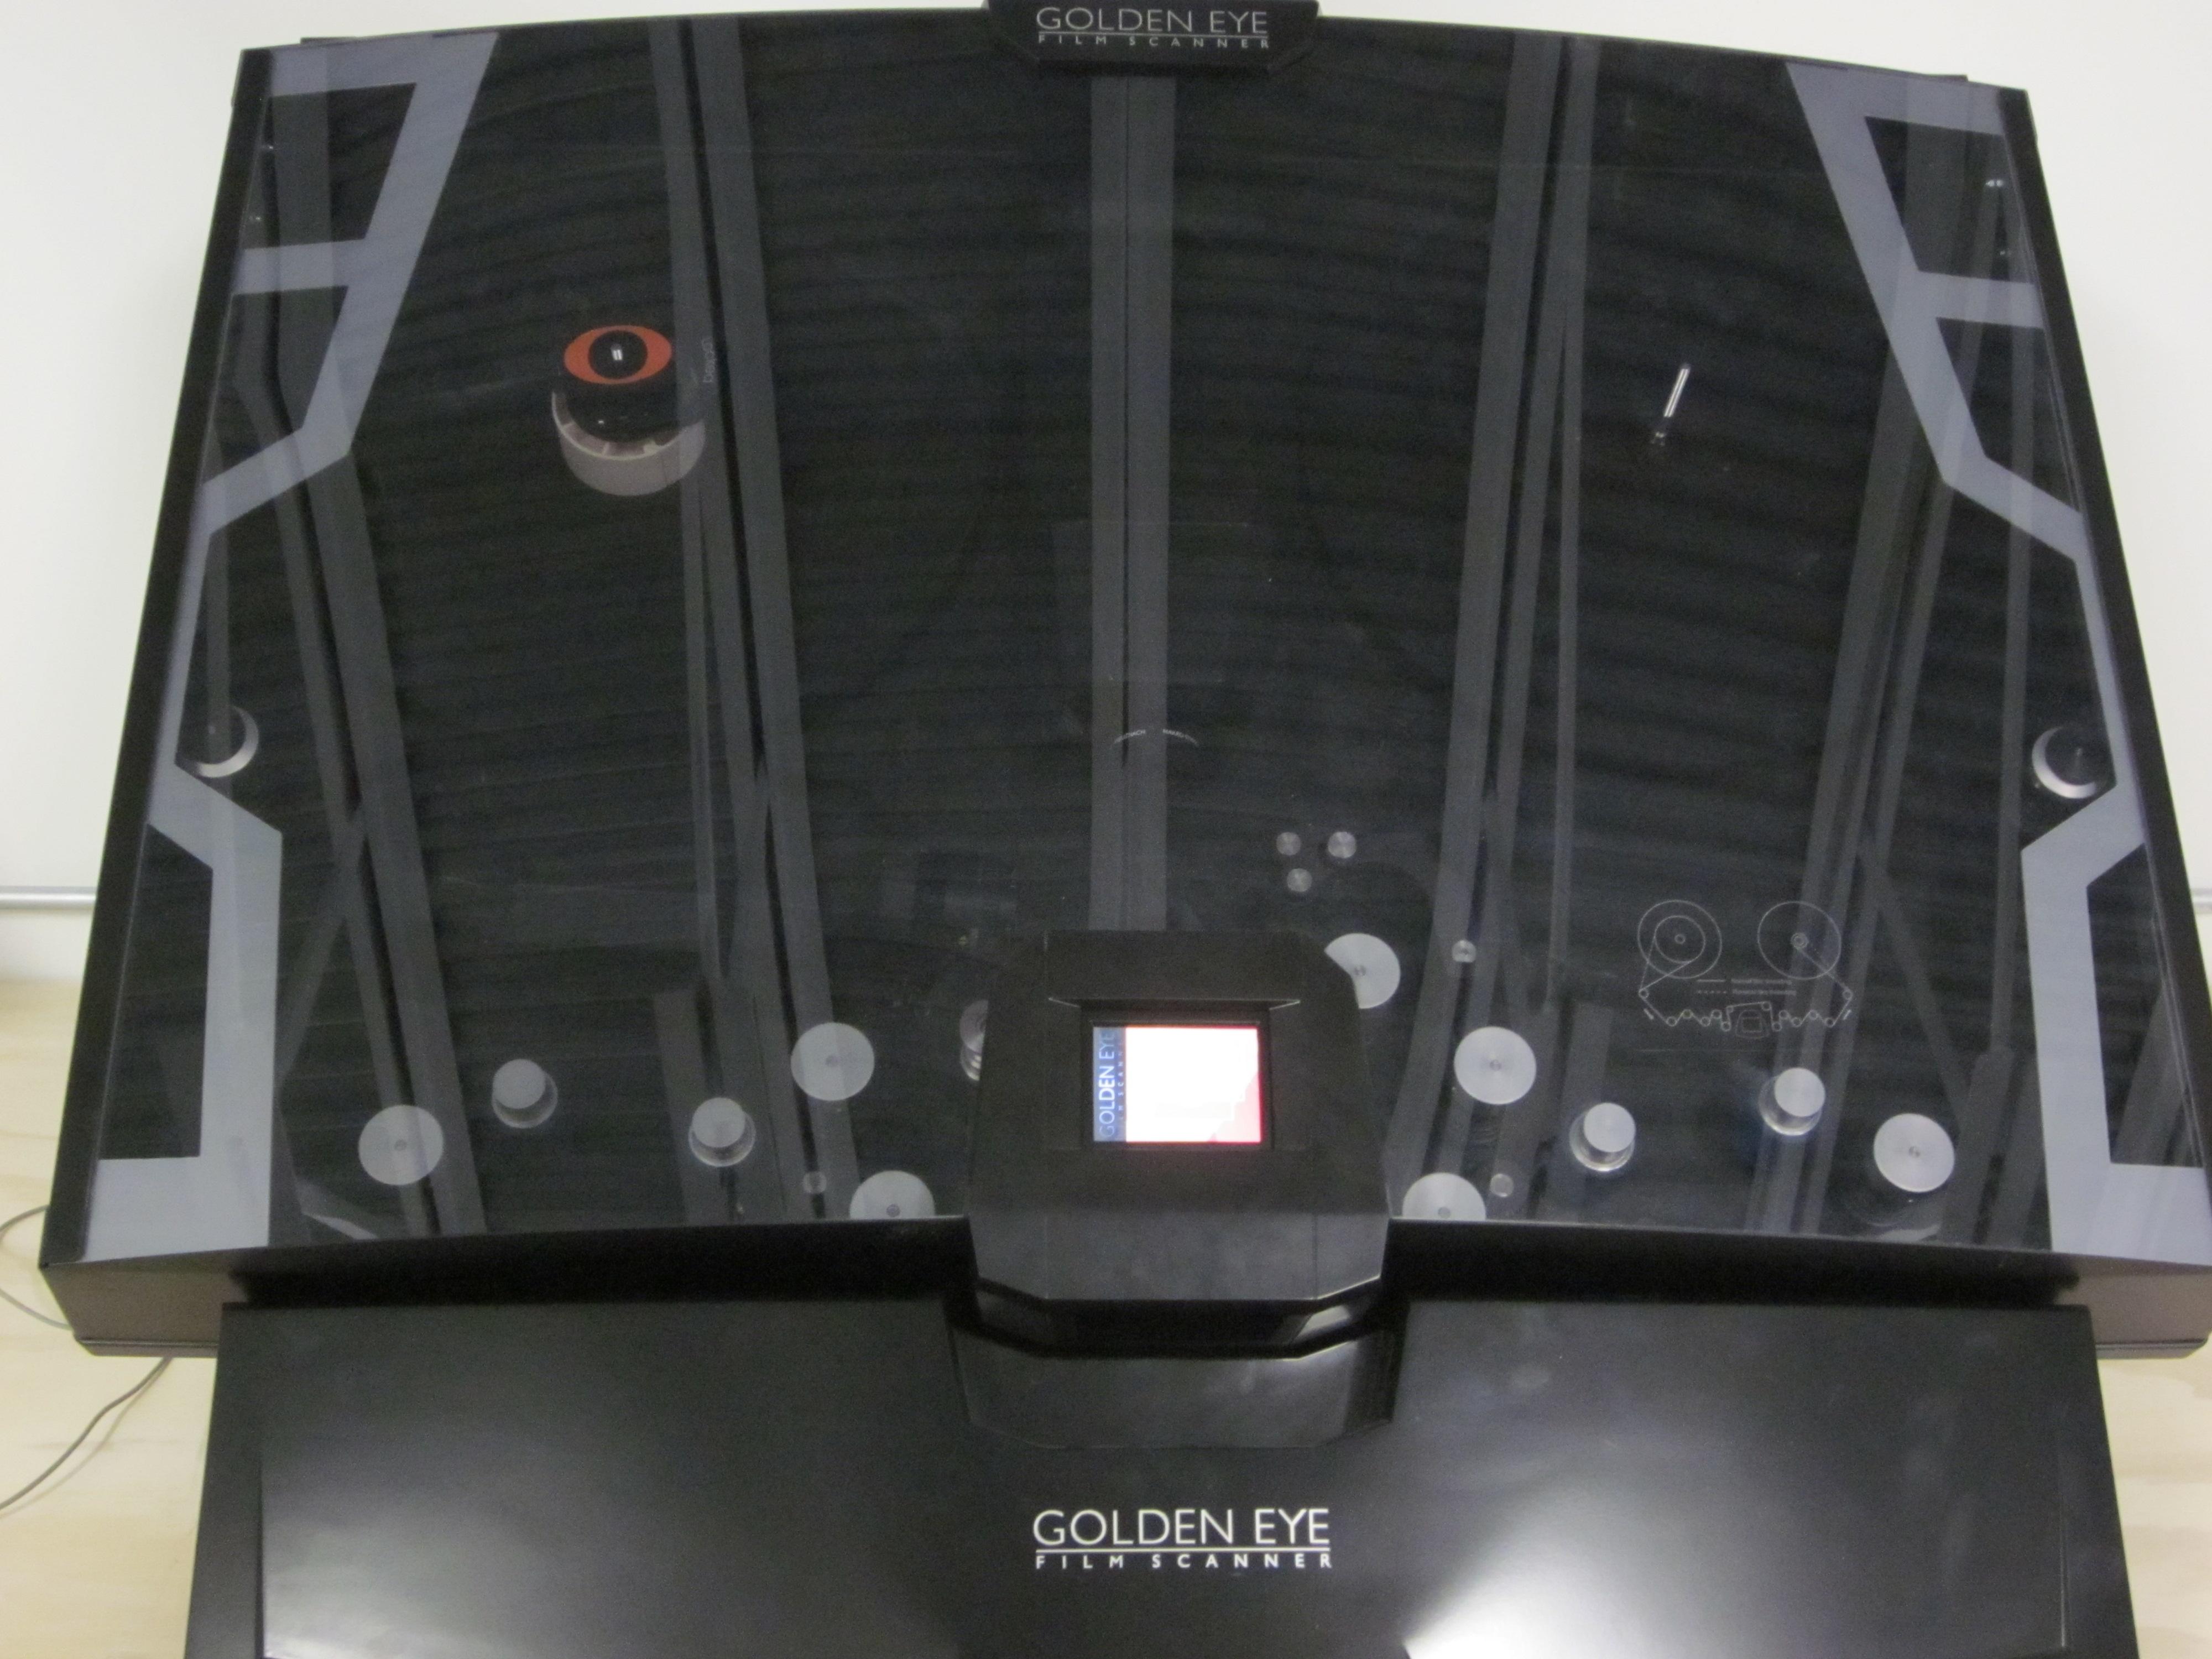 The Golden Eye II Film Scanner